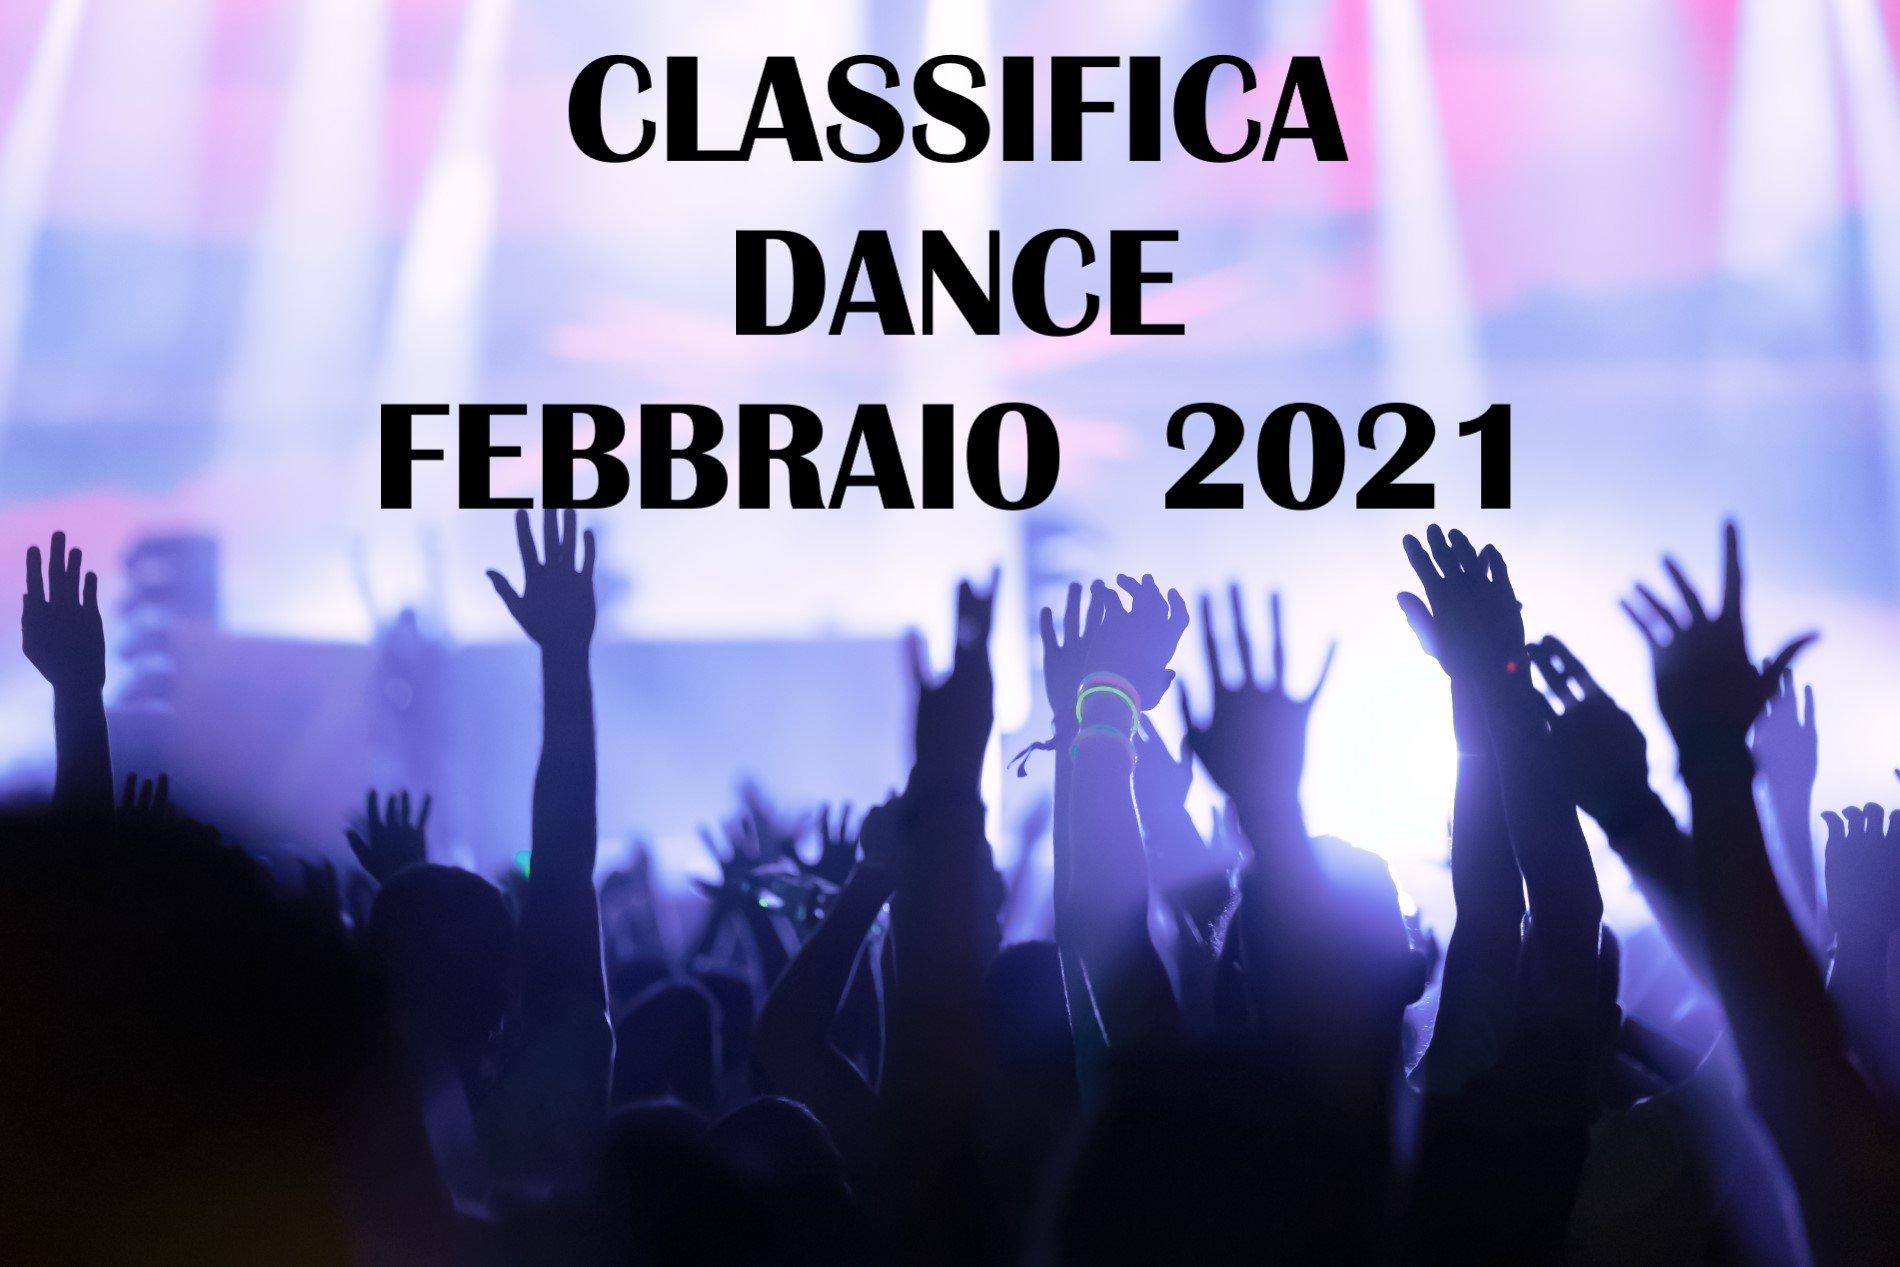 CLASSIFICA DANCE FEBBRAIO 2021 LA MIGLIORE MUSICA DANCE FEBBRAIO 2021